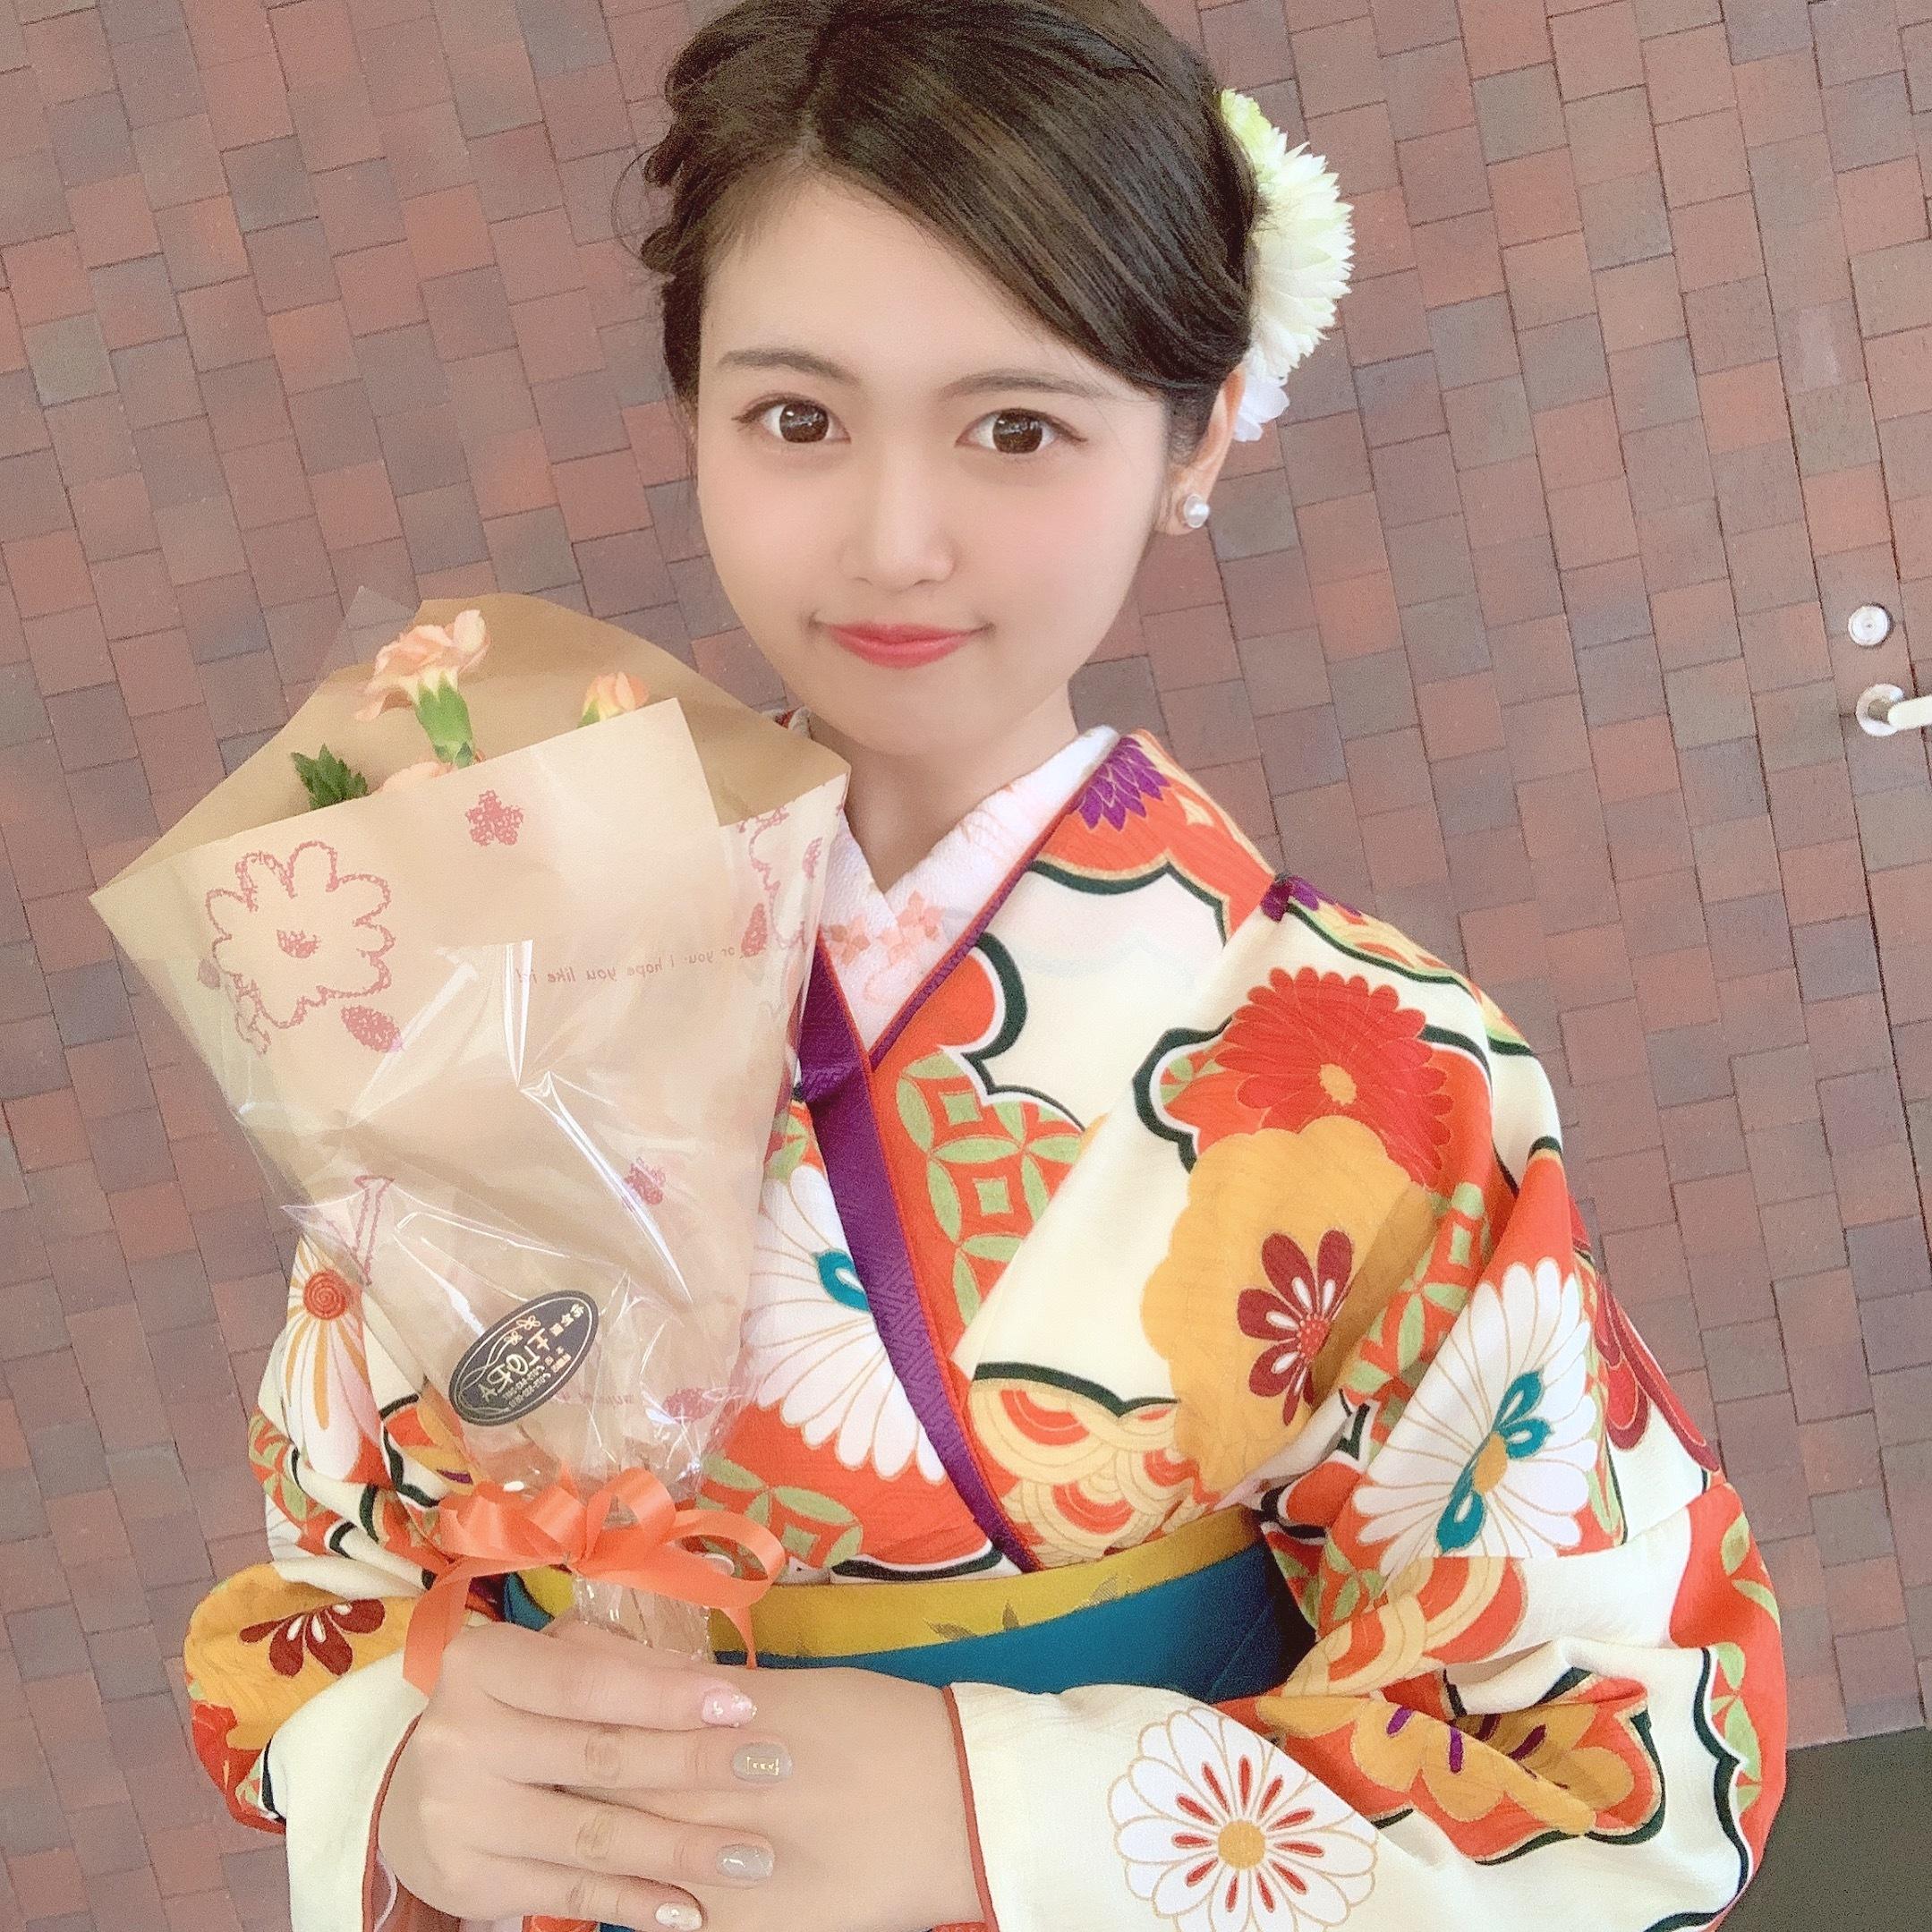 【卒業式・袴コーデ】 気になる費用は?私はこうしました(൦◟̆◞̆൦)♡‧˚₊*̥_1_3